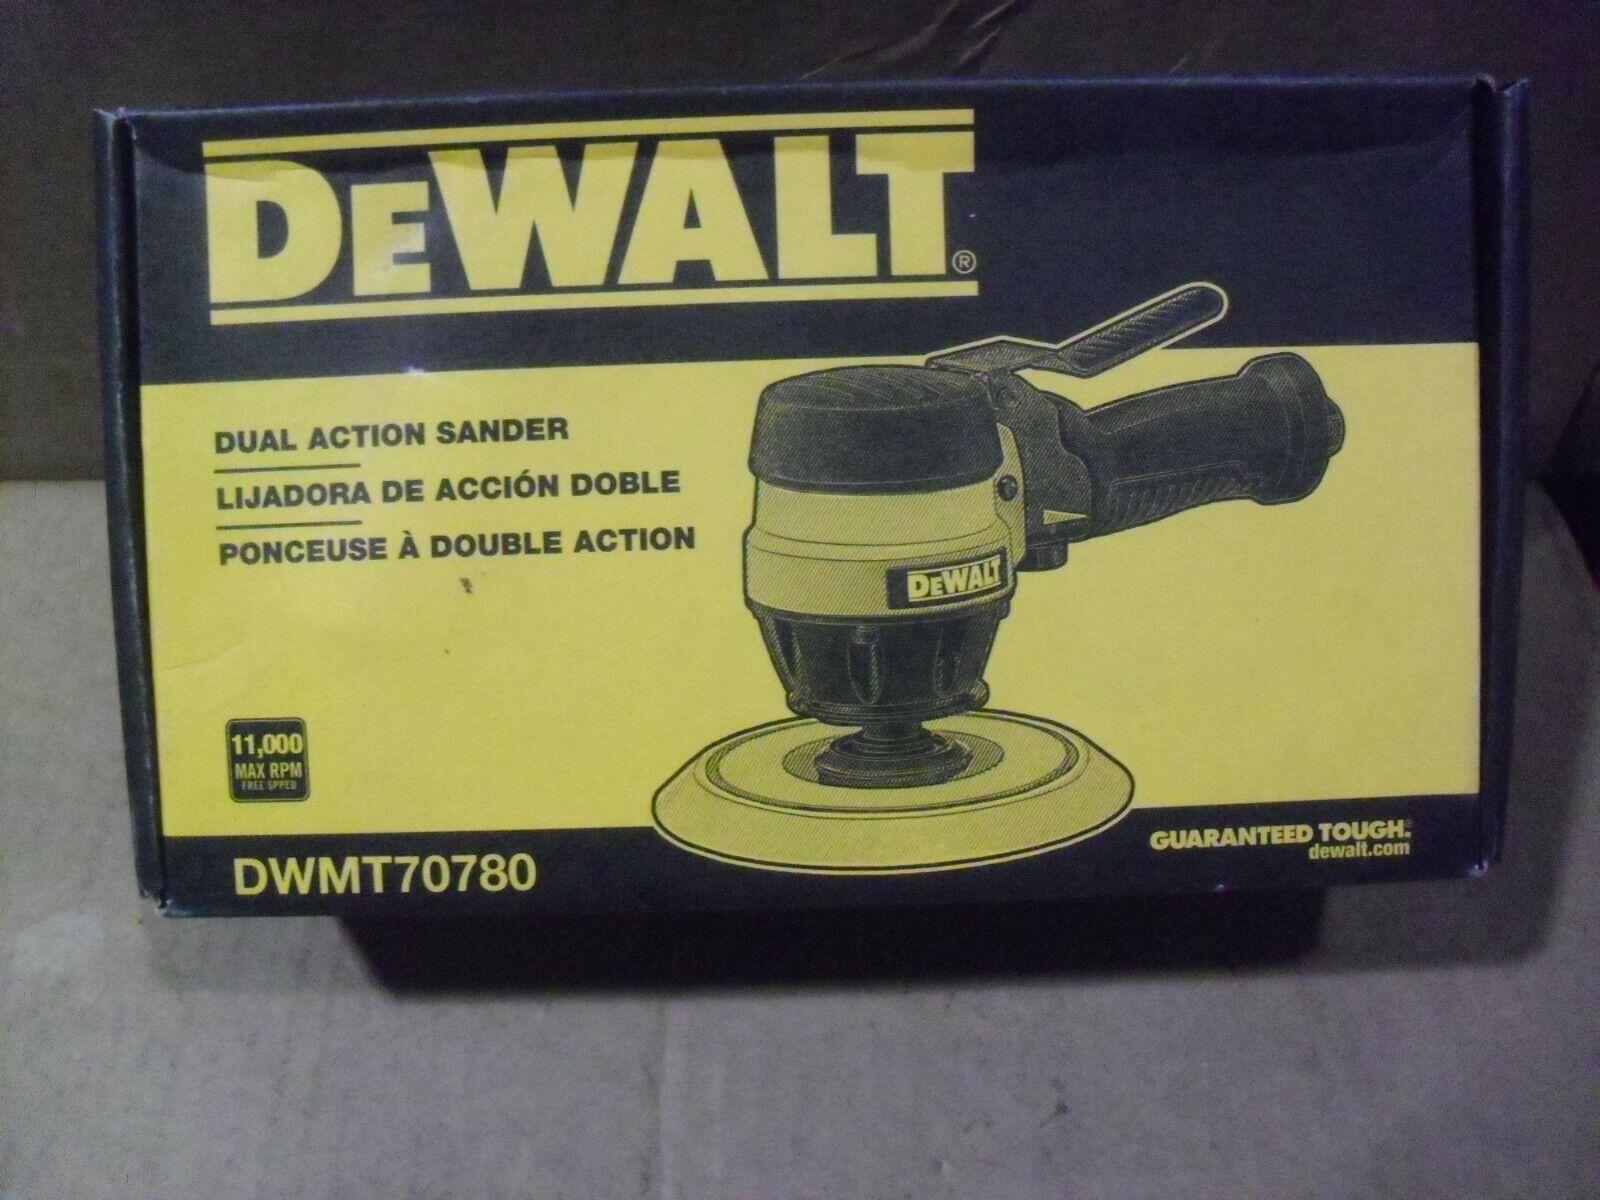 dwmt70780 tf5003 Dewalt 6 Dual Action Air Sander Model DWMT70780